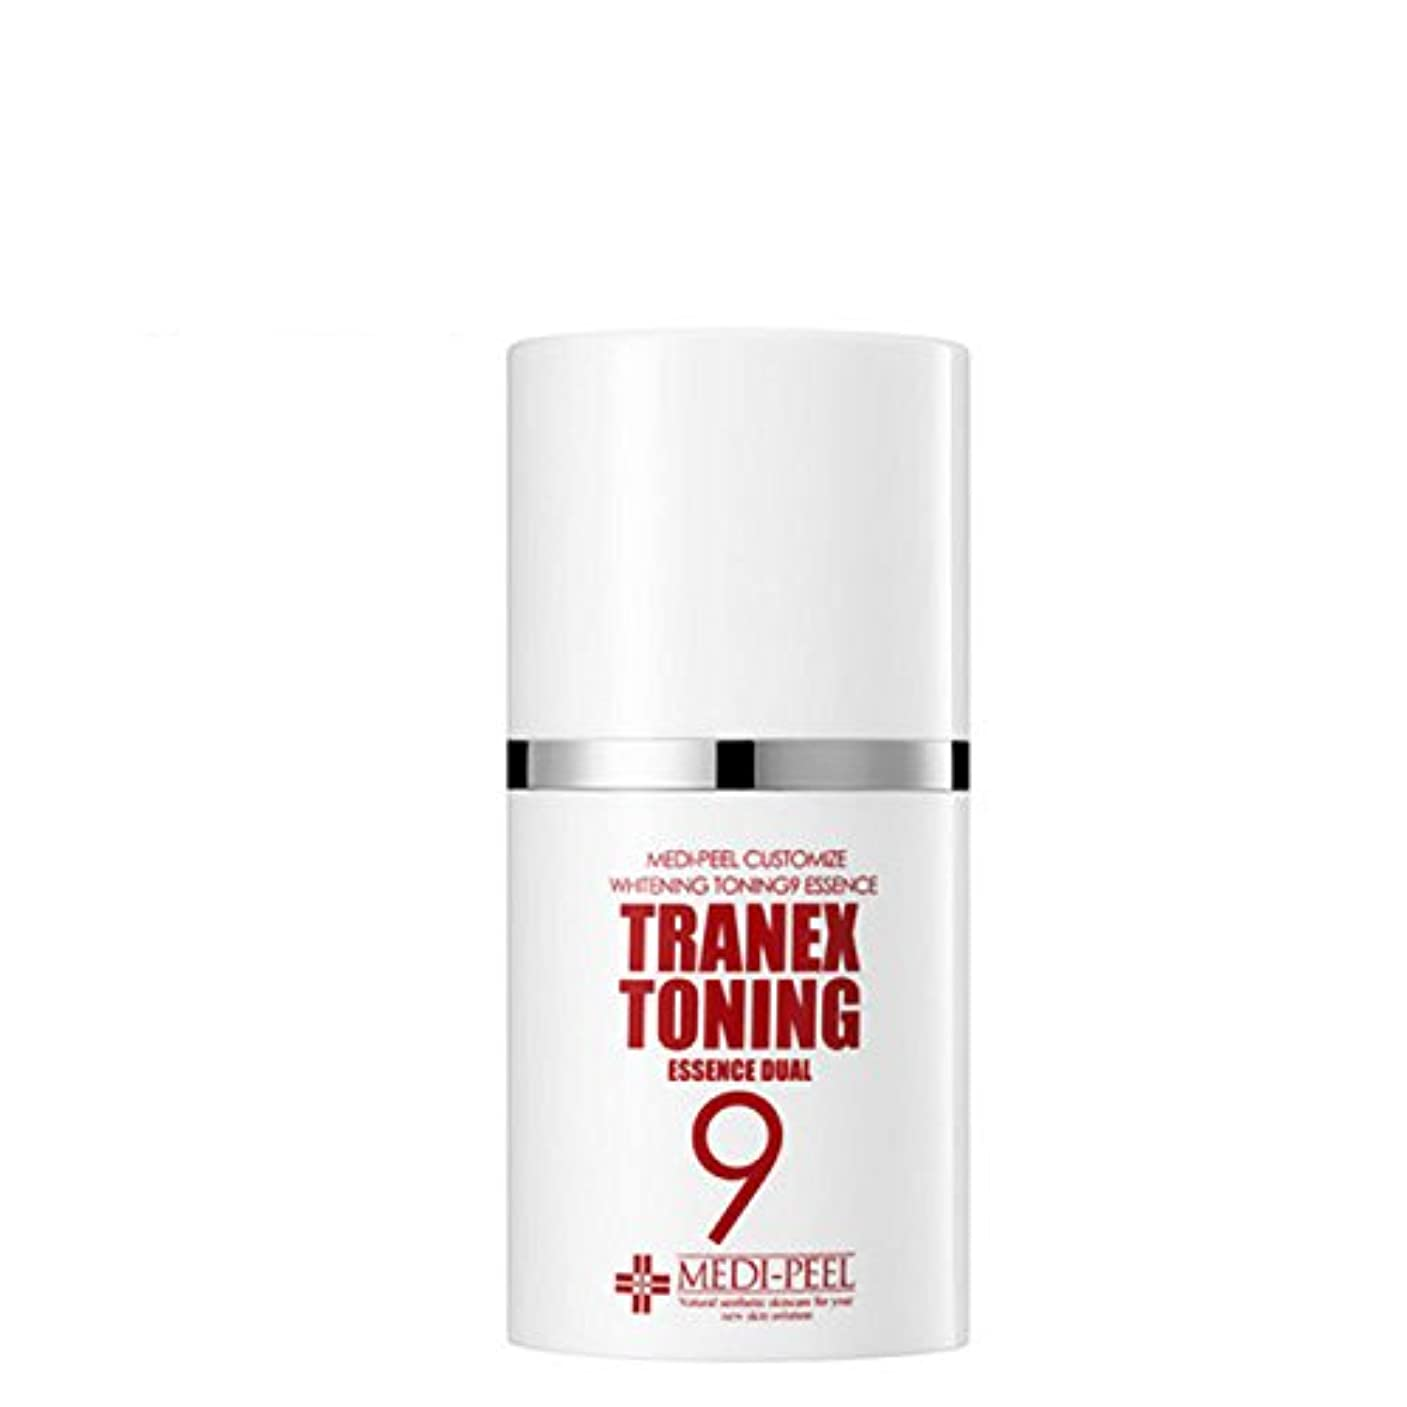 用心ラック物足りないメディピールMEDI-PEEL TRANEXトーニング9エッセンスデュアル50ml美白、シワ改善機能性化粧品 [並行輸入品]